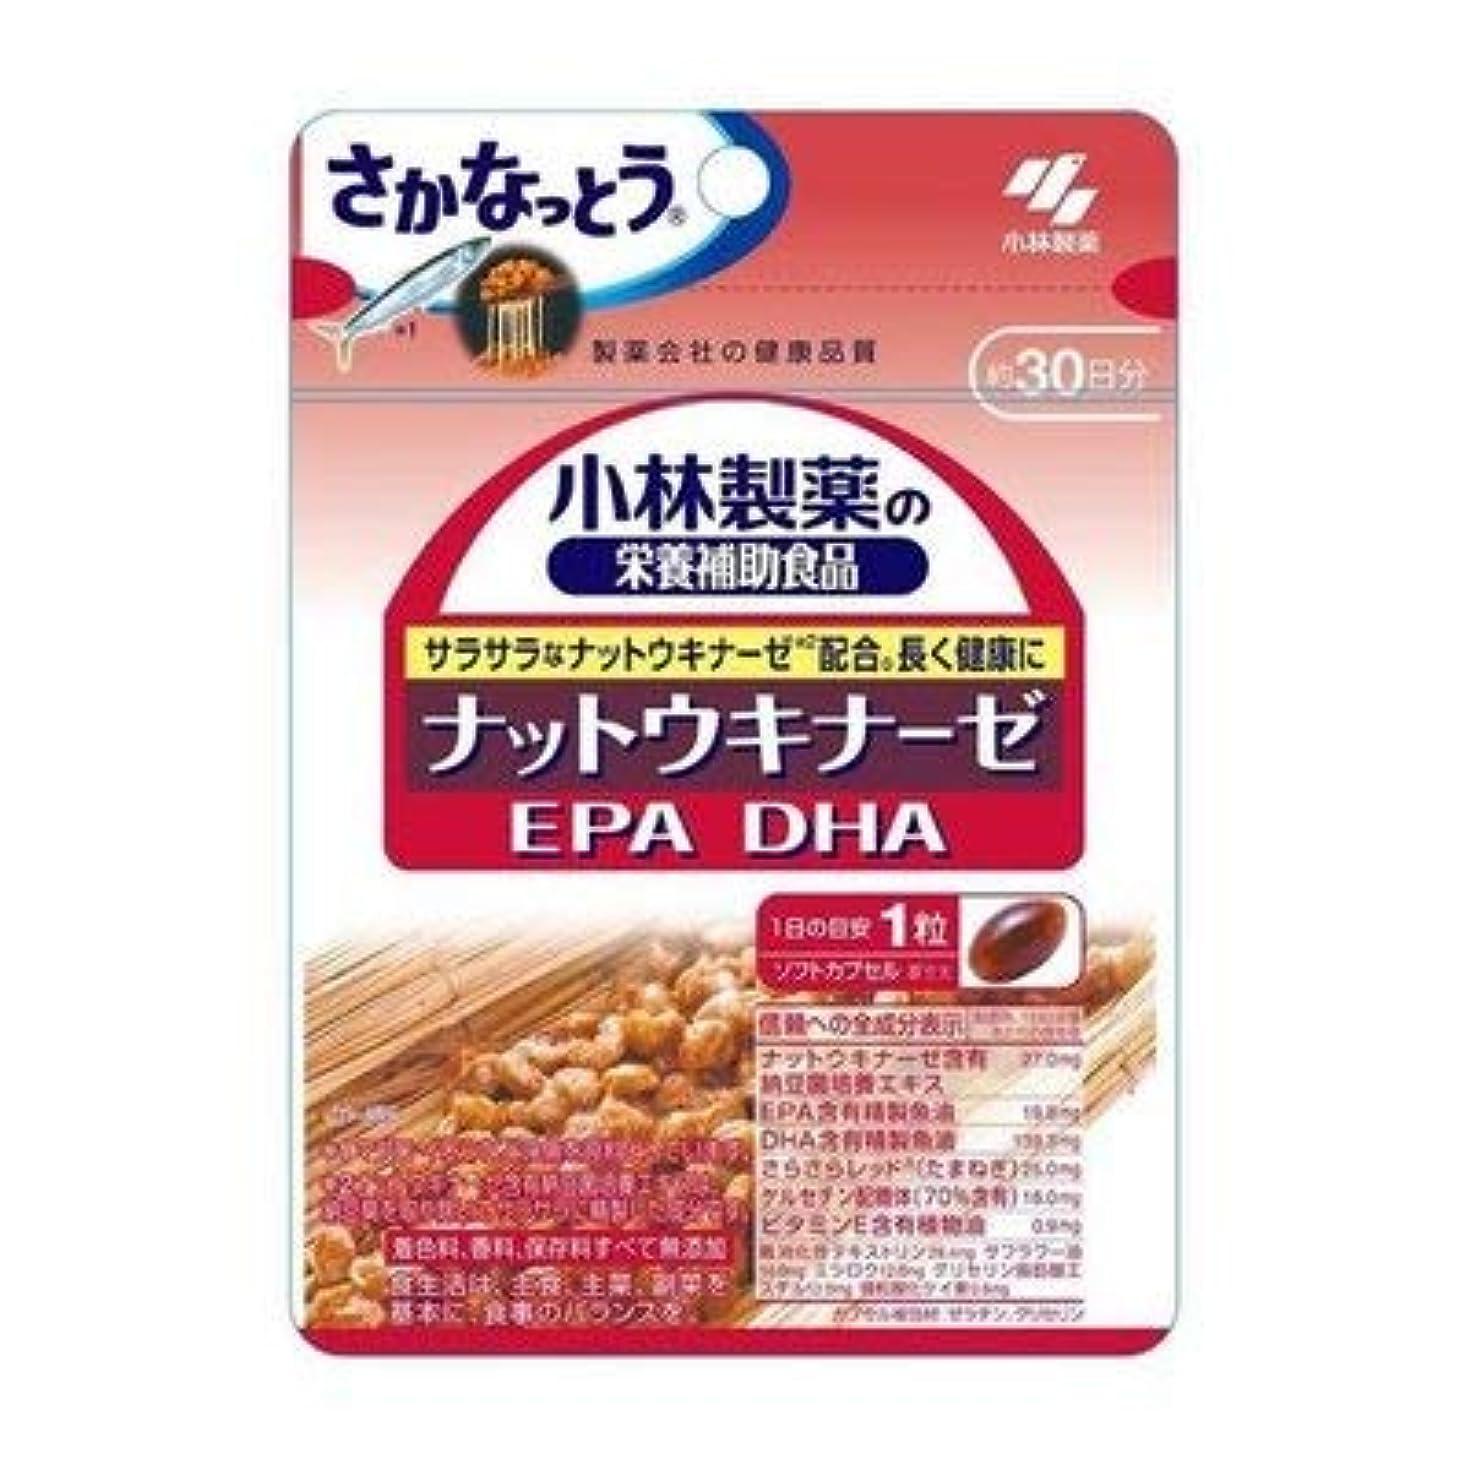 【小林製薬】 ナットウキナーゼ 30粒 ×10個セット